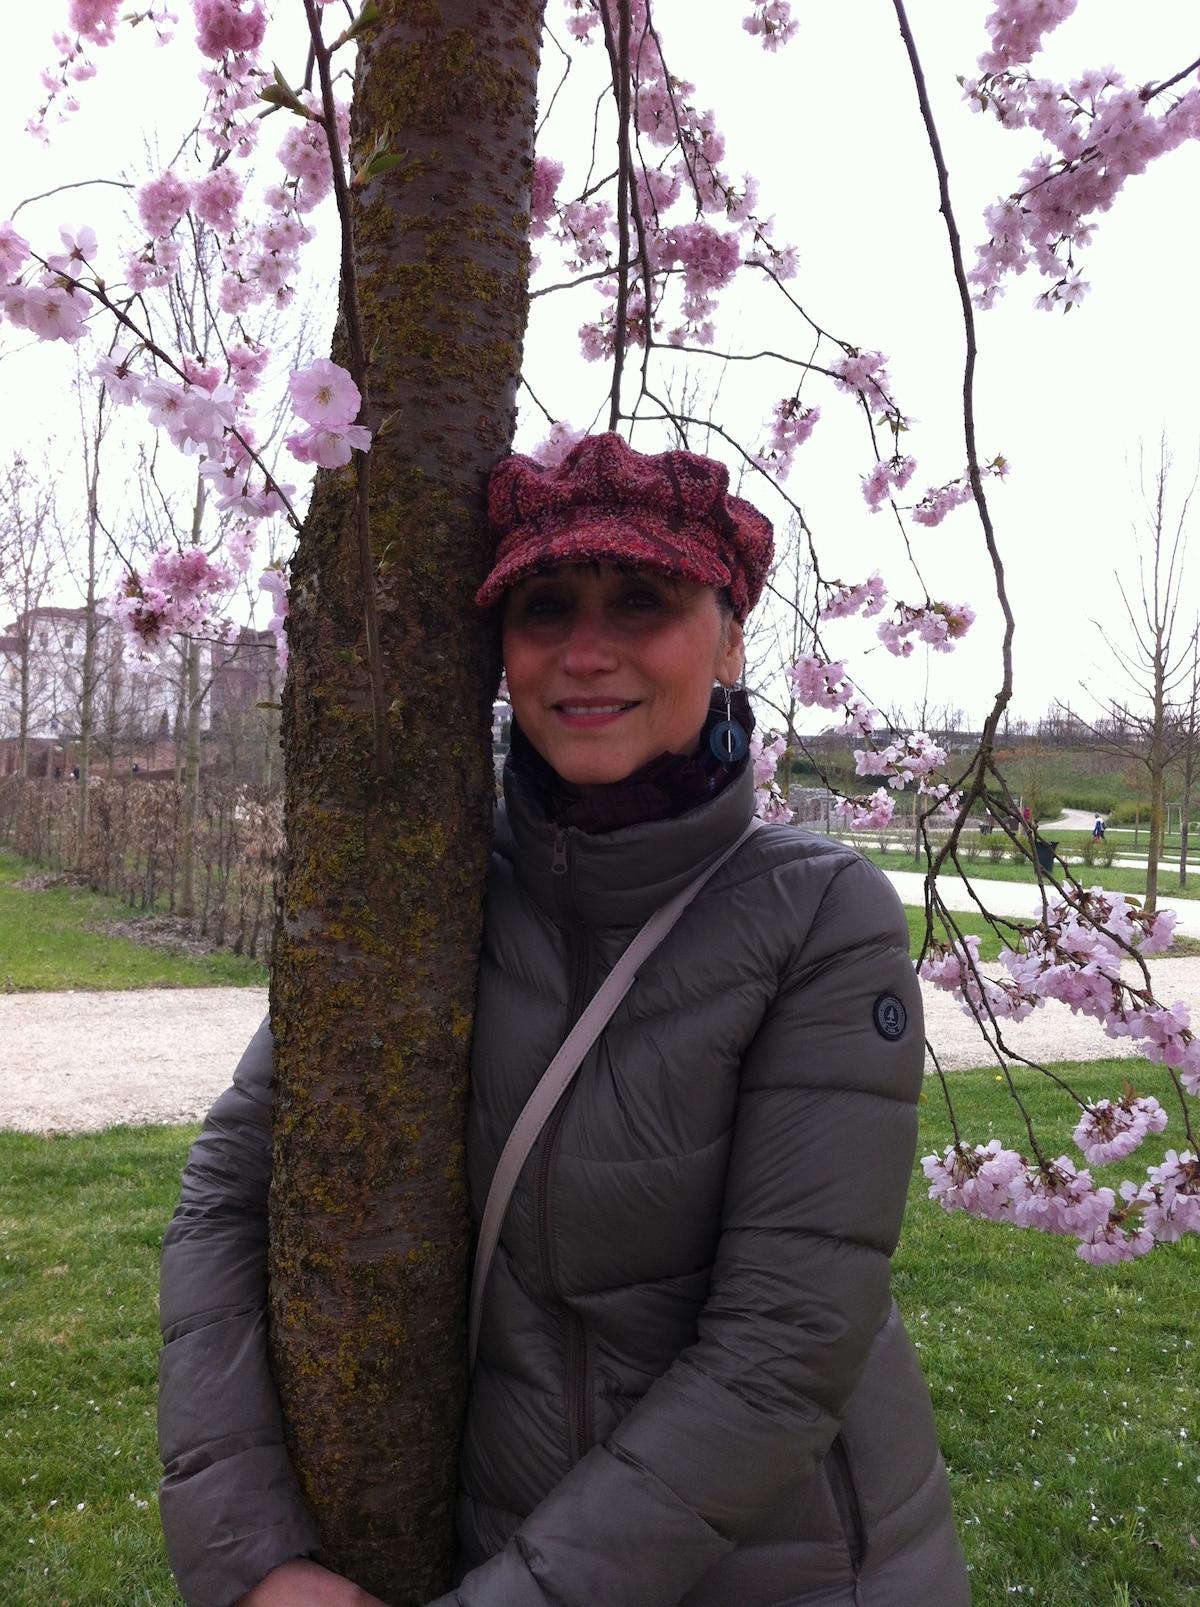 Donatella From Monte Migliore-la Selvotta, Italy